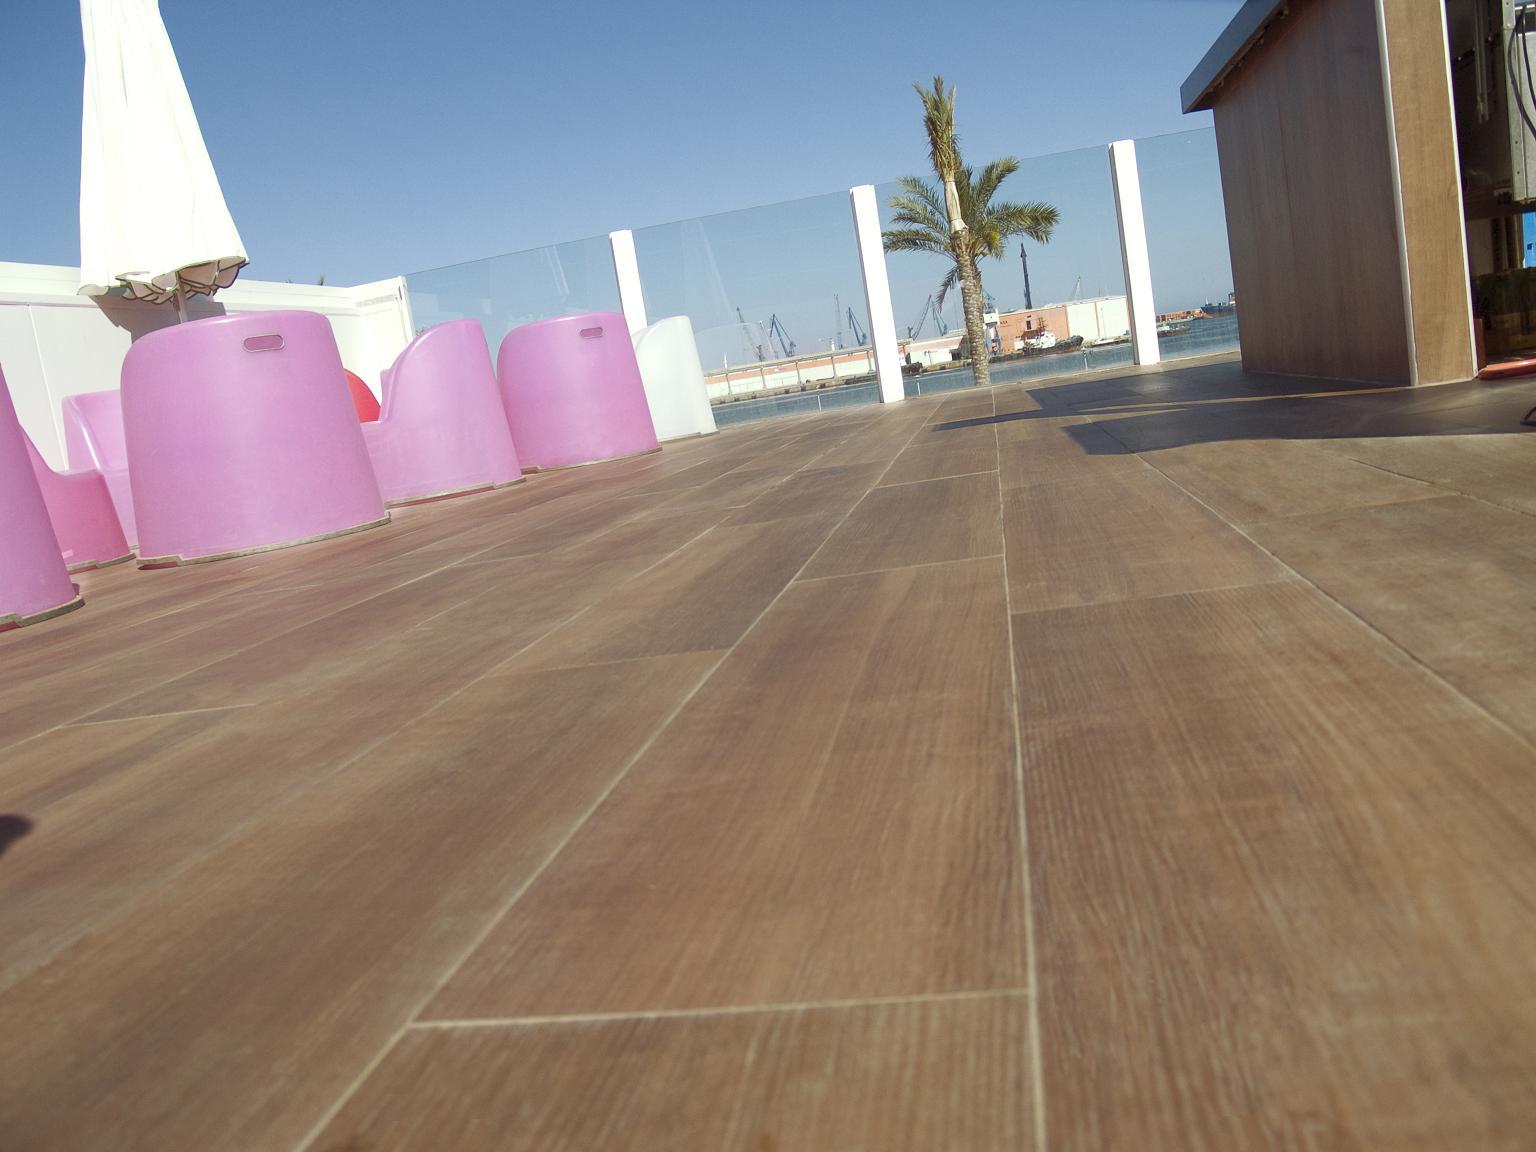 Decoracional proyectos cer micas imitaci n madera de - Ceramica imitacion madera exterior ...